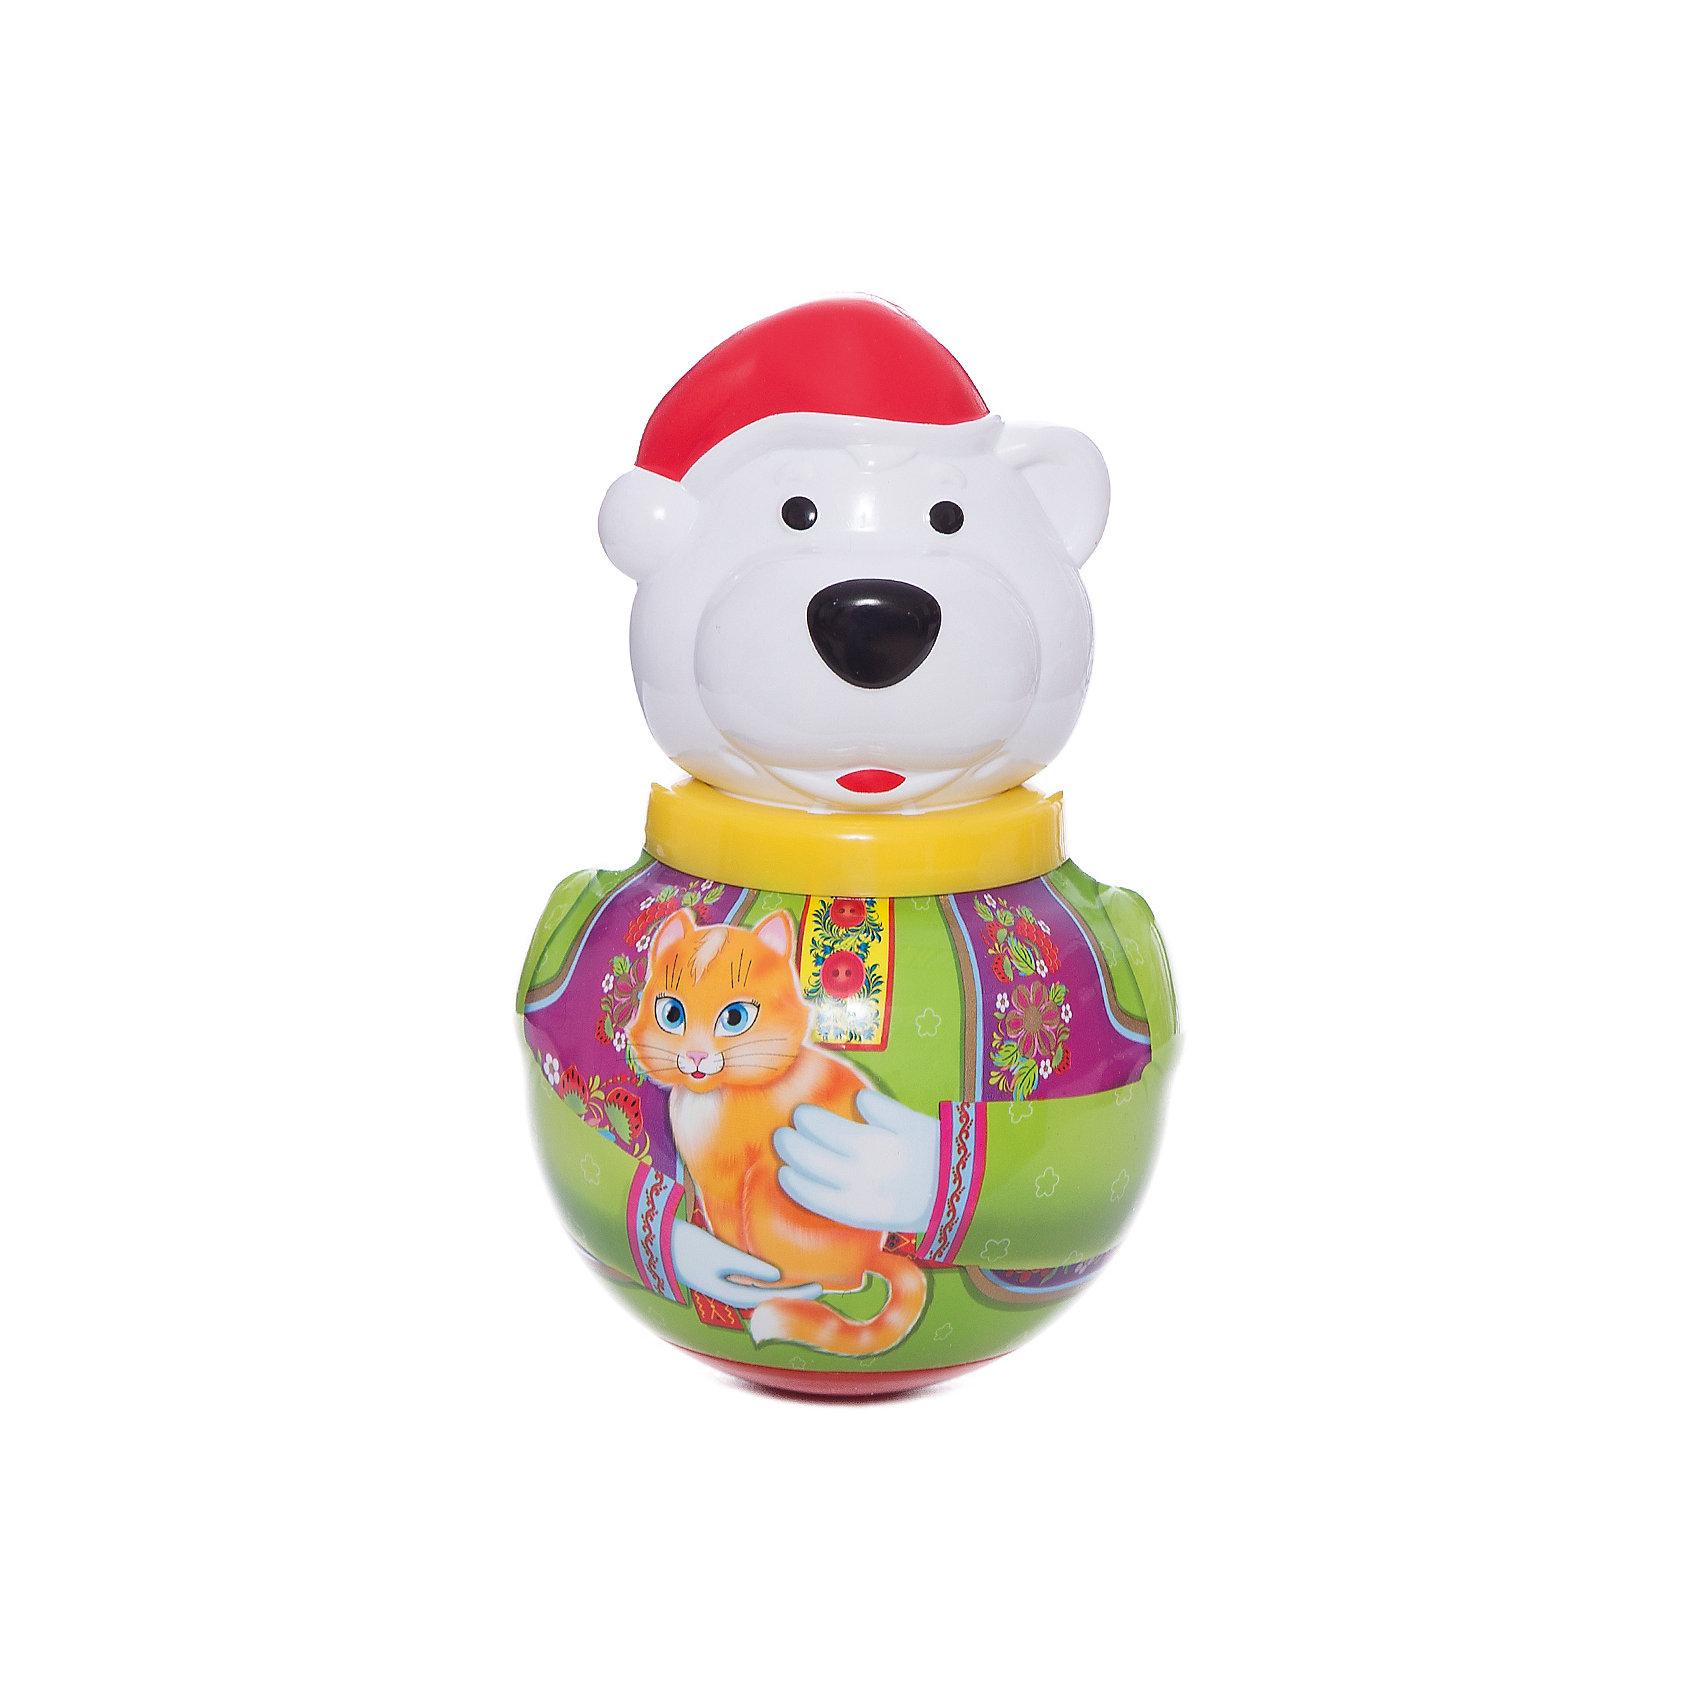 Стеллар Неваляшка Белый медведь Борис stellar неваляшка белый медведь борис с балалайкой